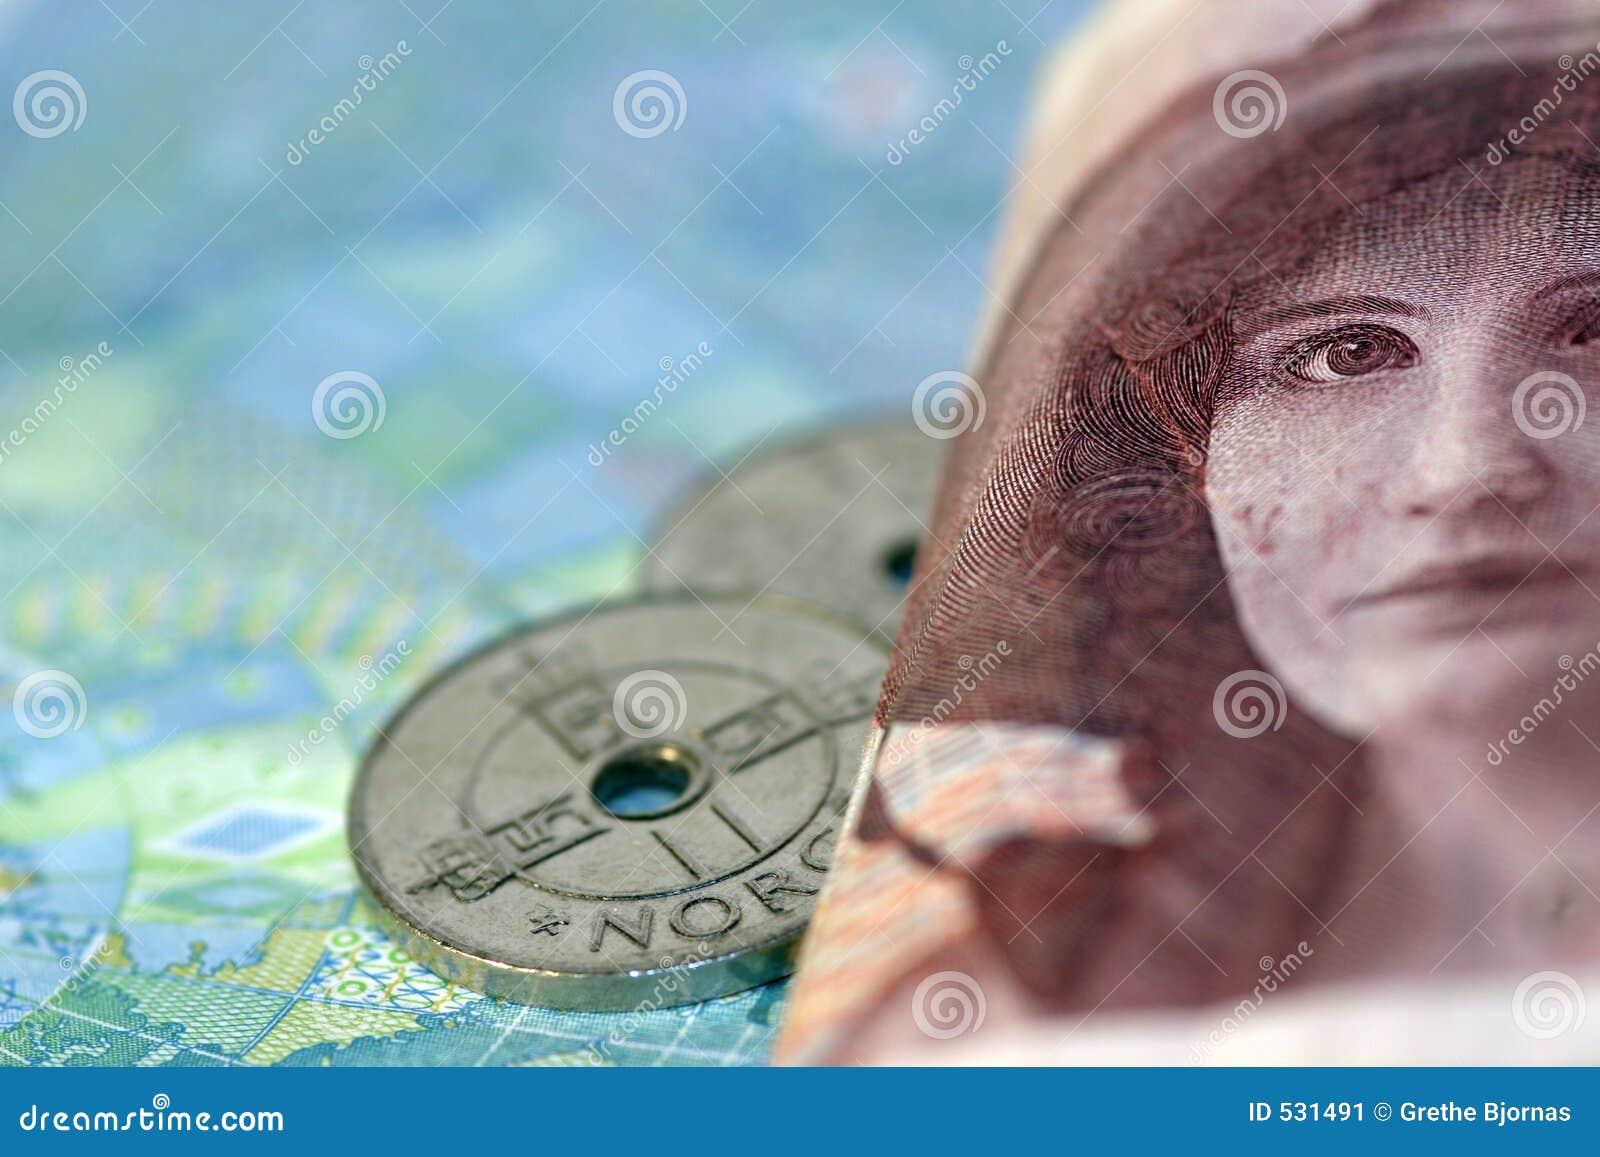 Download 100票据克罗钠夫人 库存图片. 图片 包括有 挪威, 财务, 卡米拉, 广告牌, 颜色, 购物, 硬币, 货币 - 531491